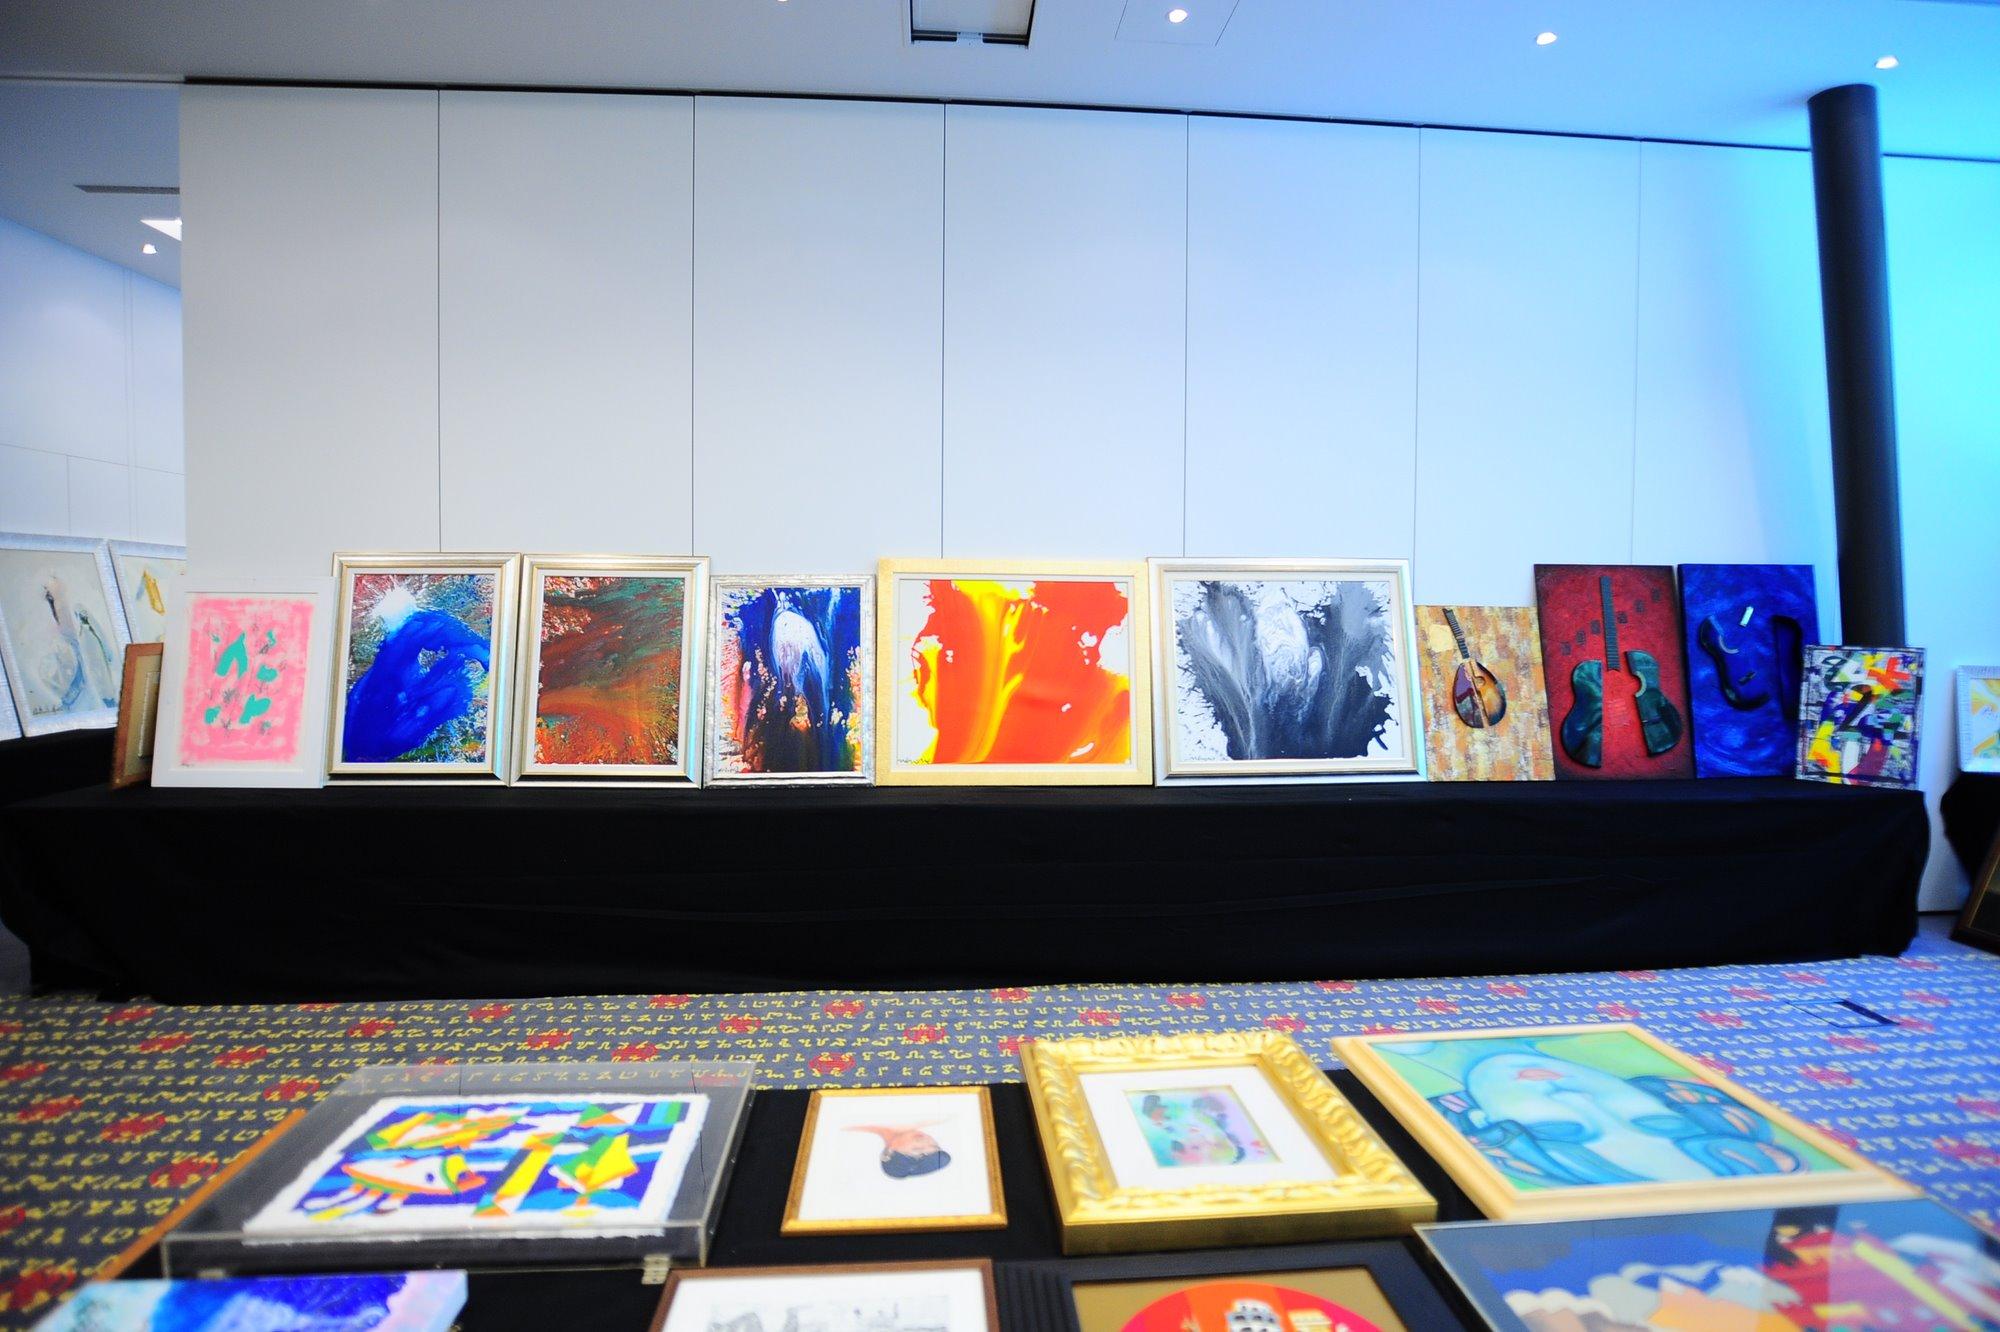 Mostra Monaco di Baviera 2013 – 2014 – 2015